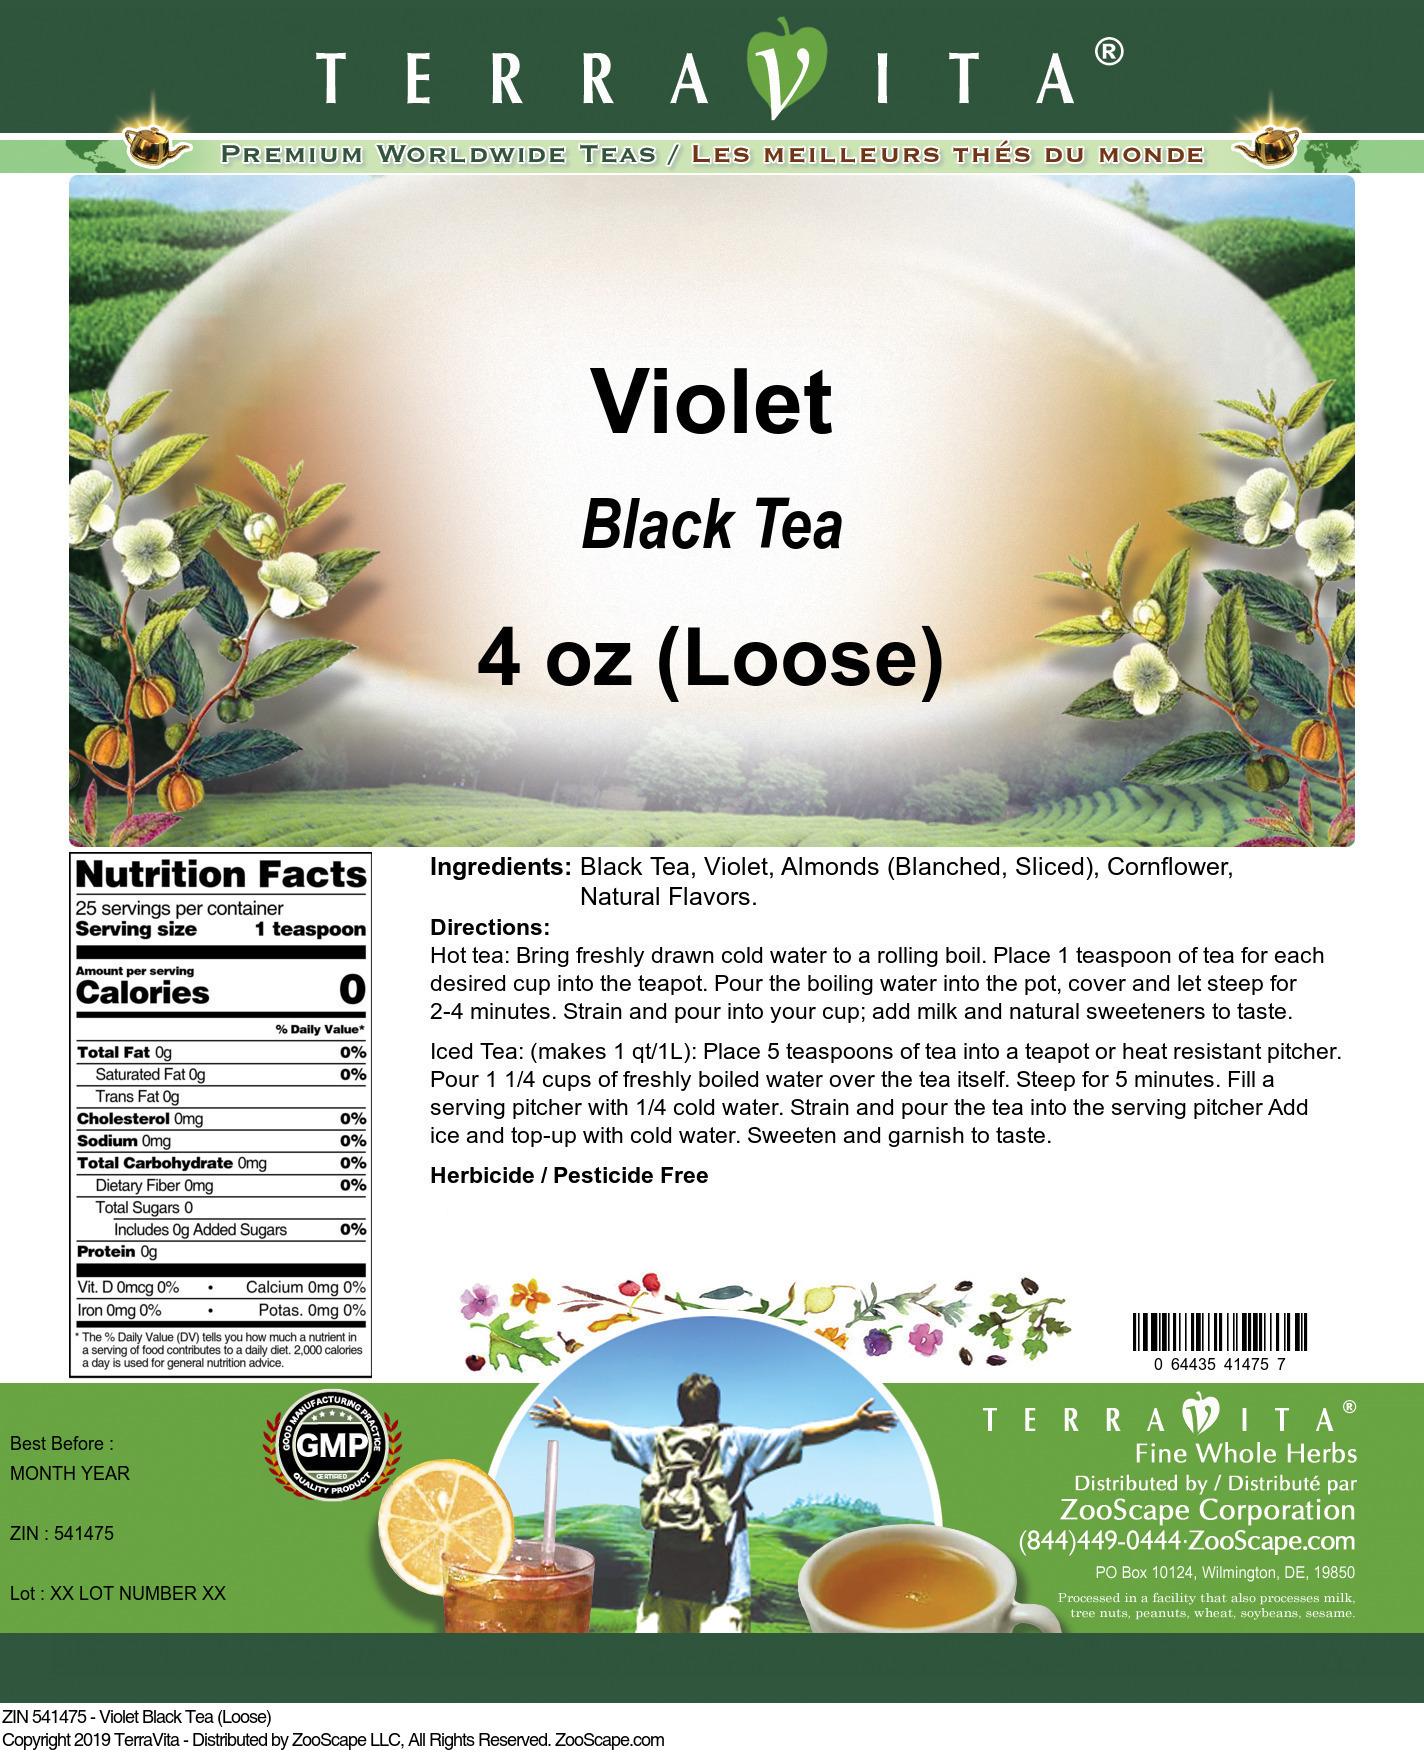 Violet Black Tea